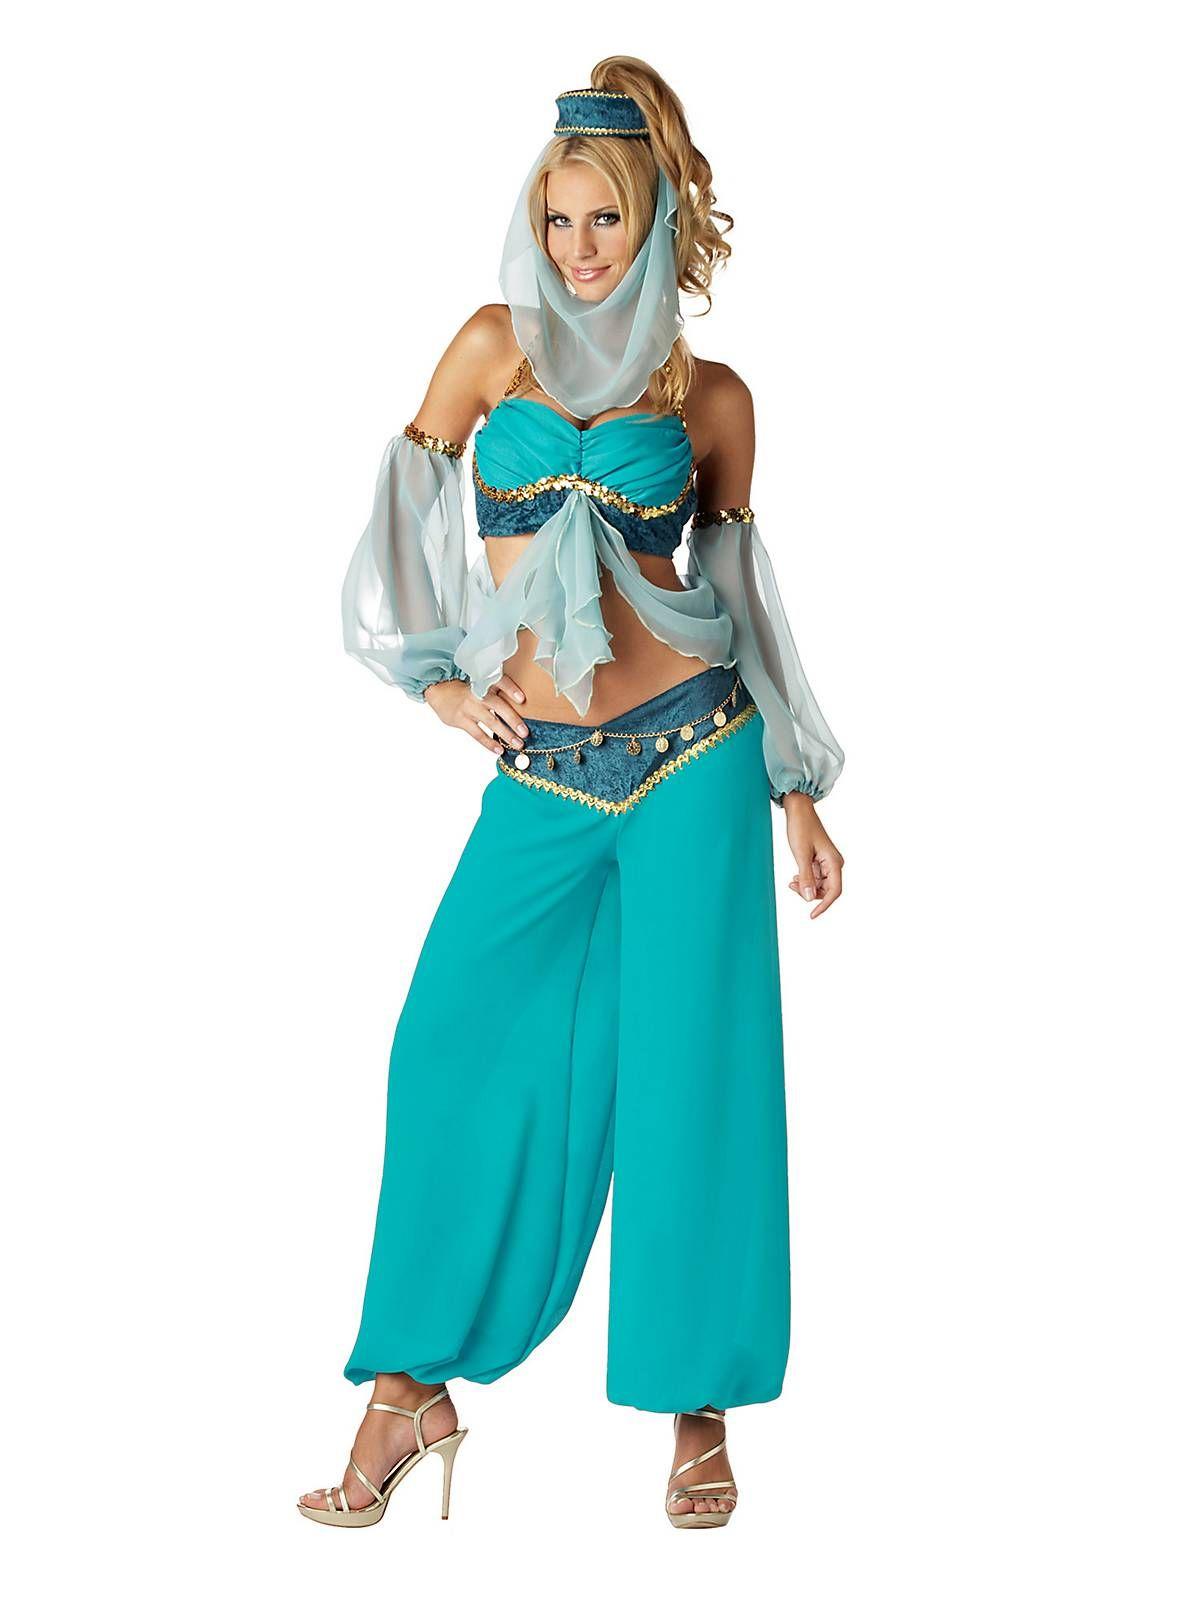 D guisement f e adulte faire soi m me fashion designs - Deguisement princesse a faire soi meme ...